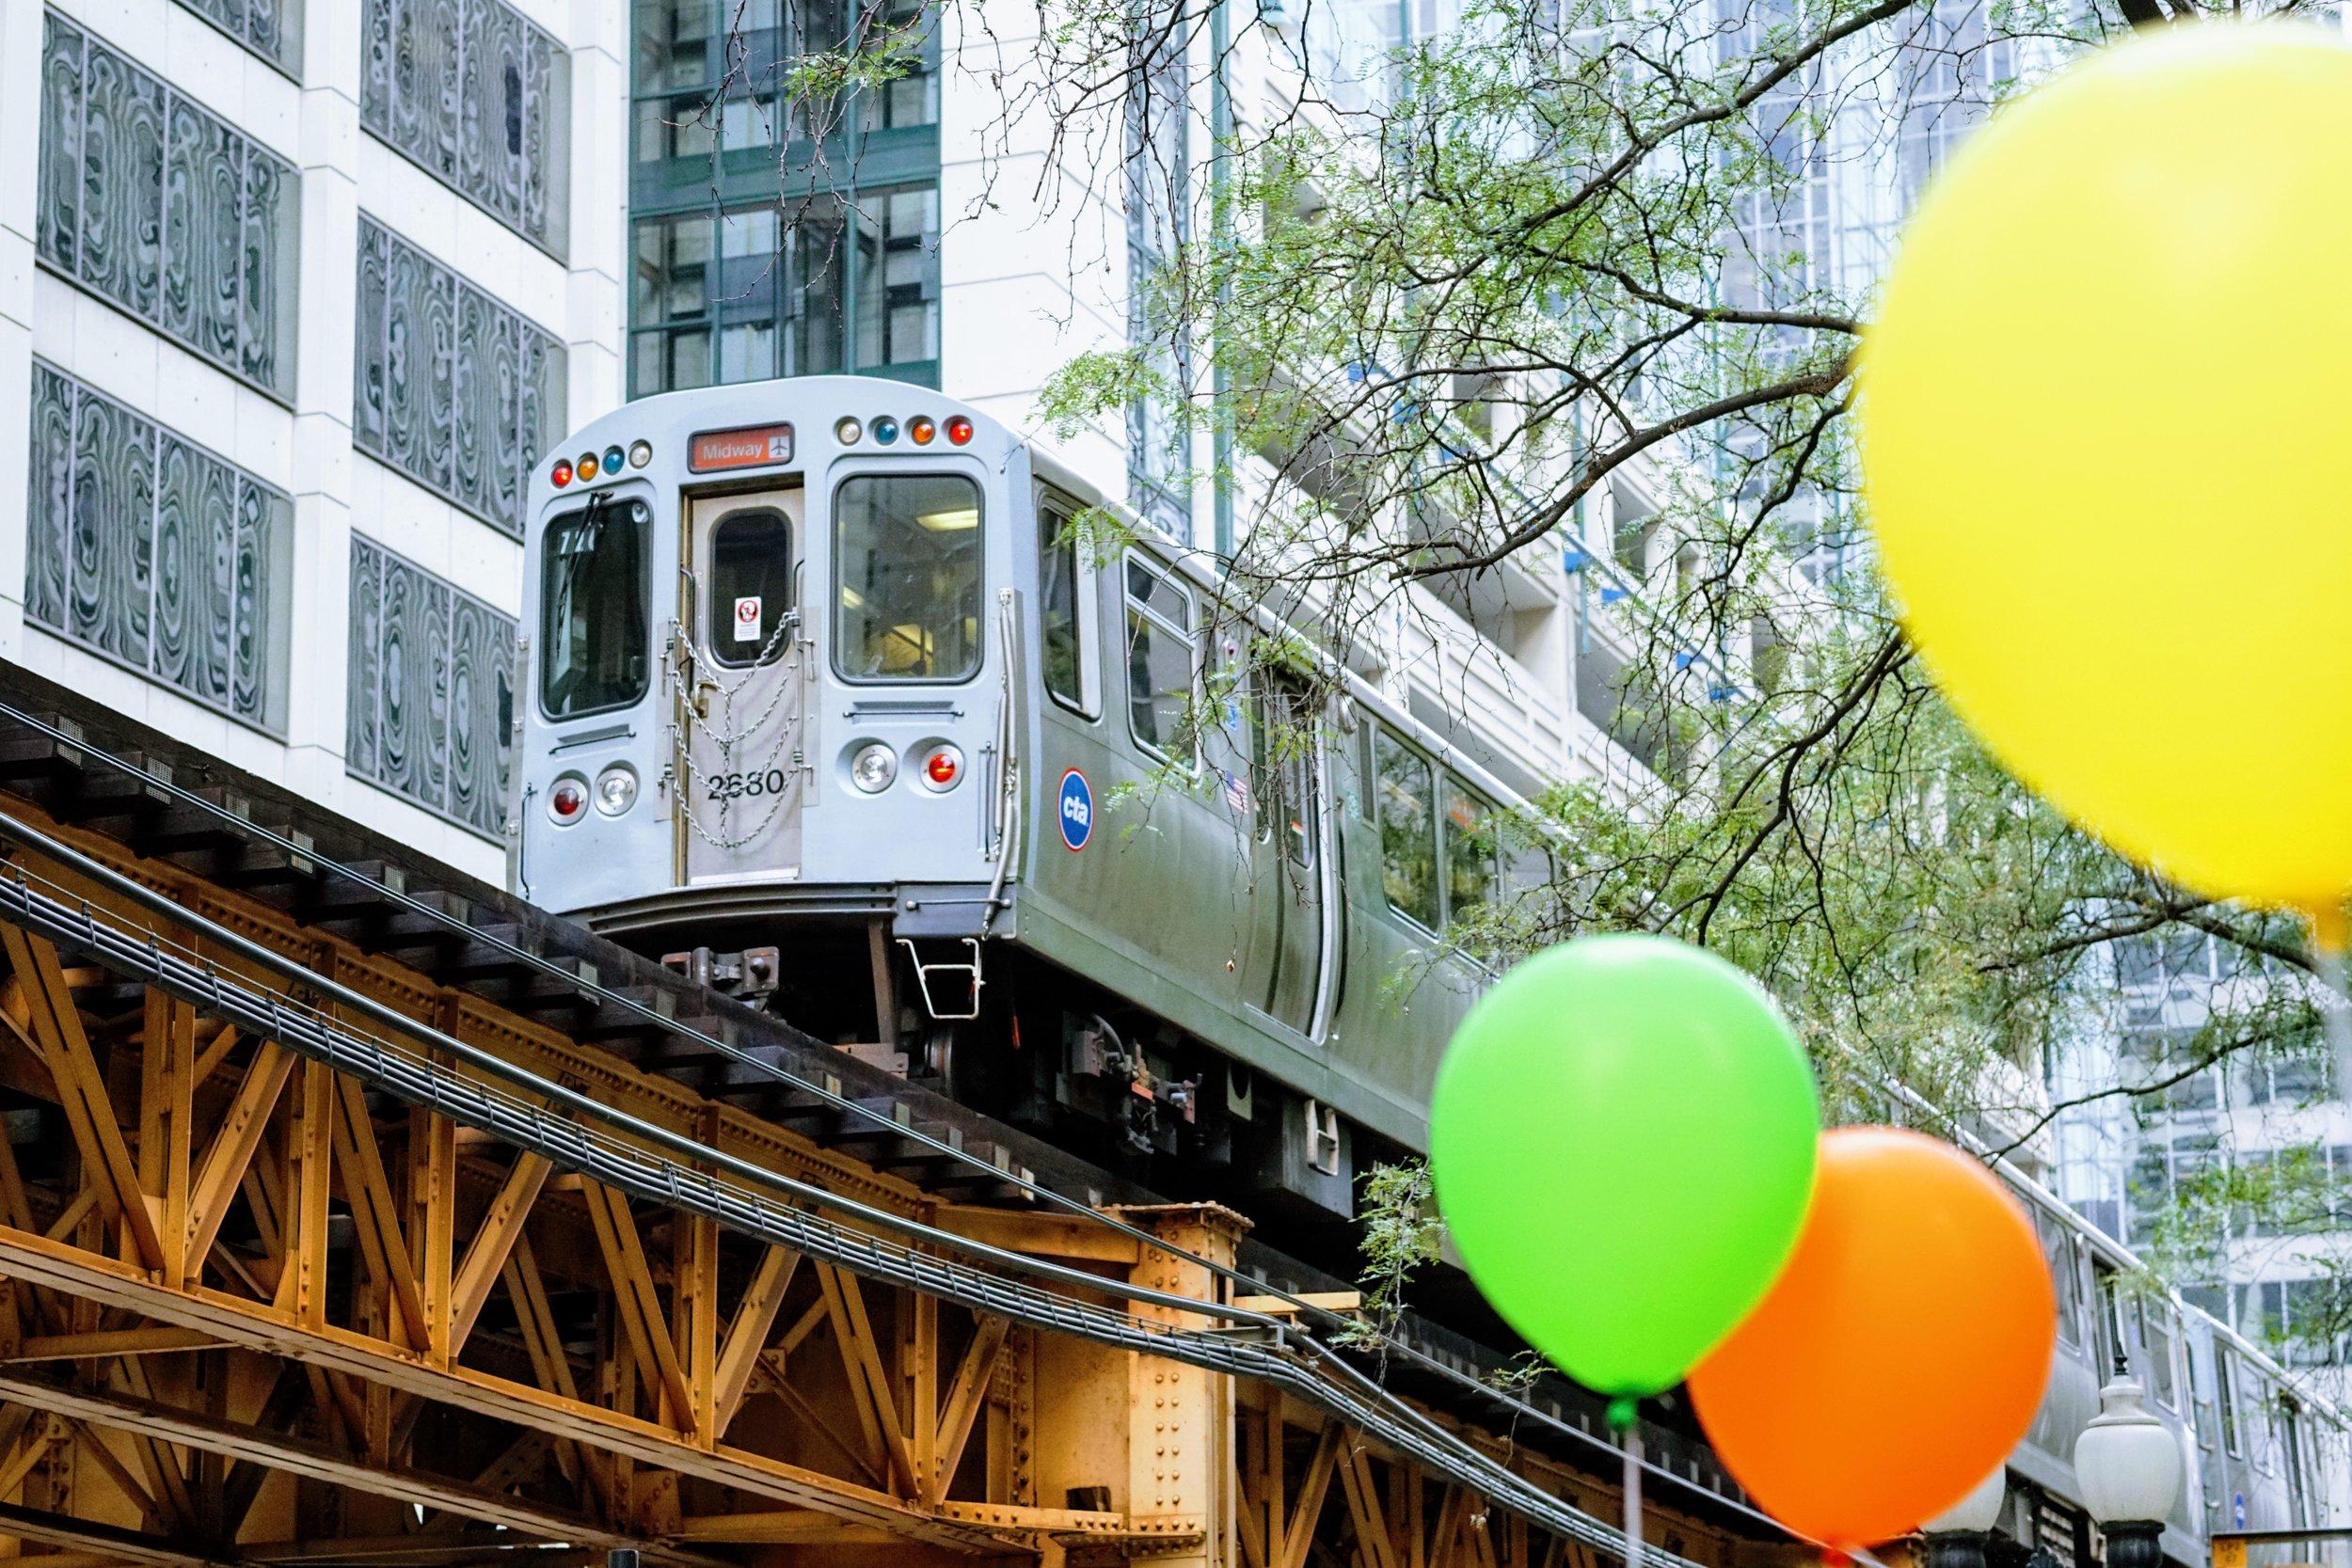 CTA Chicago train